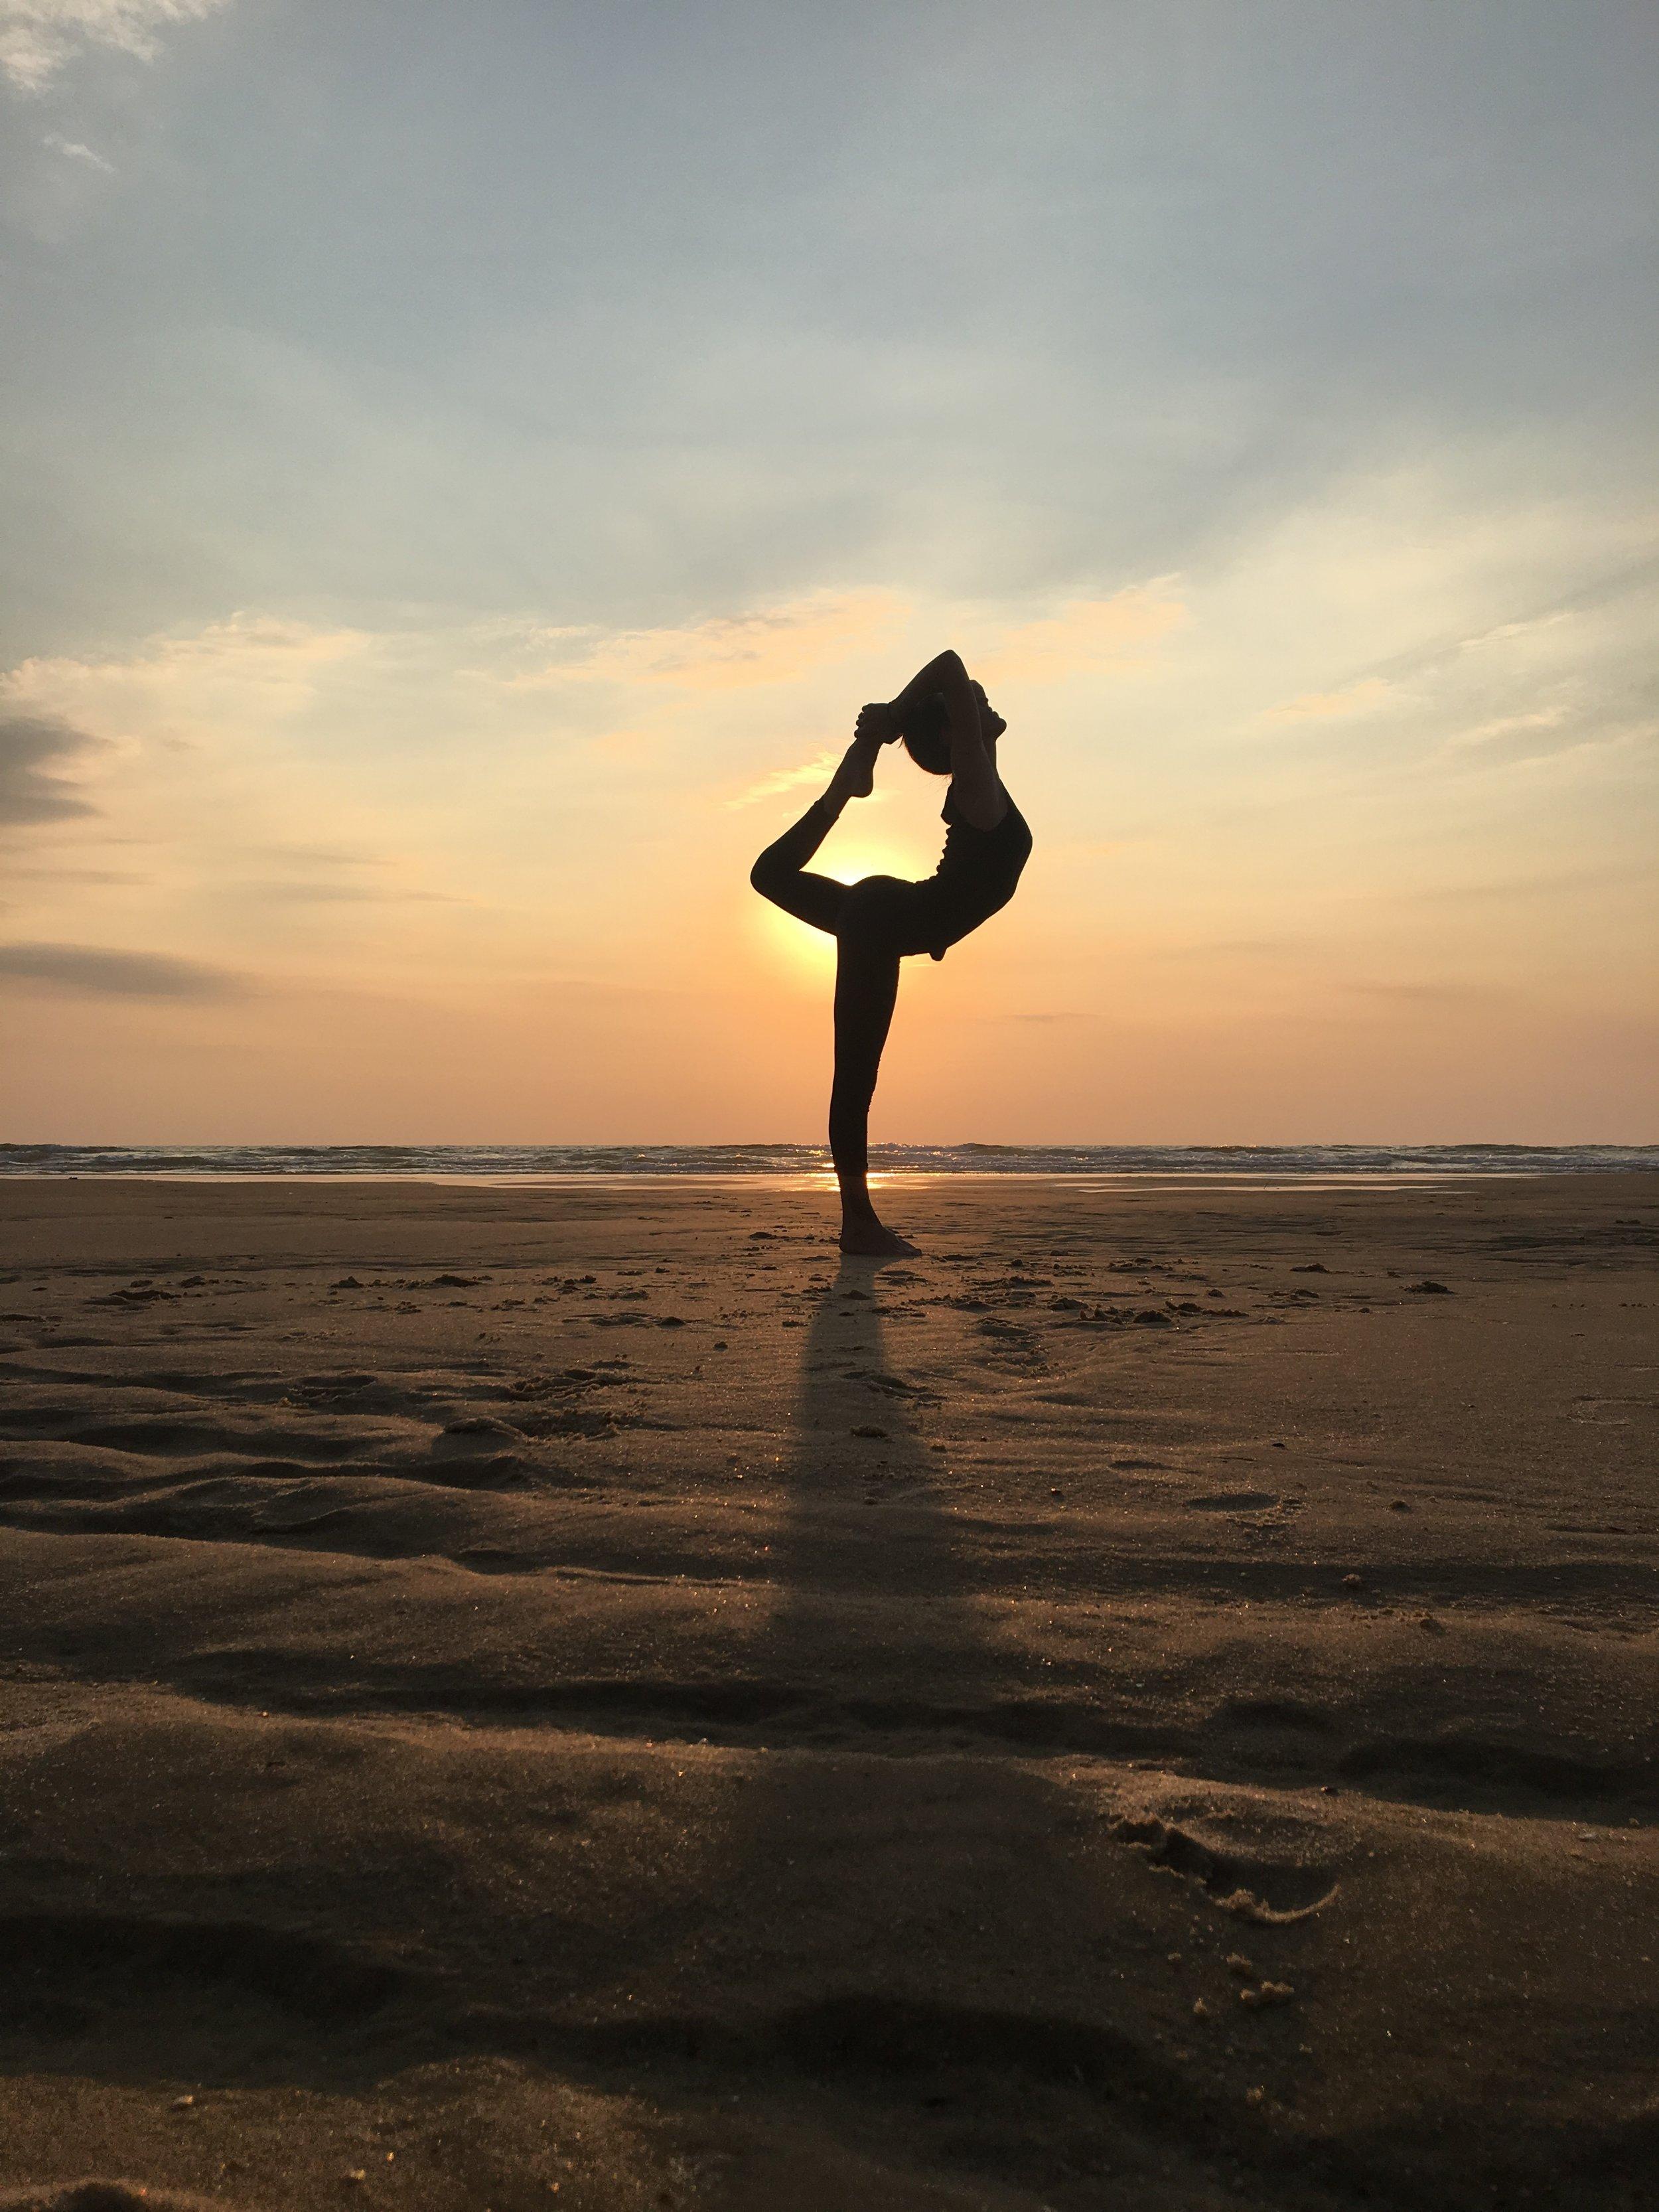 ELLE - Ma femme est une âme passionnée, sensible et courageuse. Ce mélange fait d'elle la personne la plus authentique qu'il m'ait été donné de rencontrer.Le yoga fait partie intégrante de sa vie, après 10 années passées à l'enseigner sur Paris mais surtout à le pratiquer partout dans le monde auprès de ceux qui l'inspirent.Aujourd'hui, elle insuffle son énergie dans nos projets, idées, rencontres, voyages... Leur donnant, sans même s'en rendre compte, cette saveur unique qu'ont les choses lorsqu'elles sont guidées par la passion.